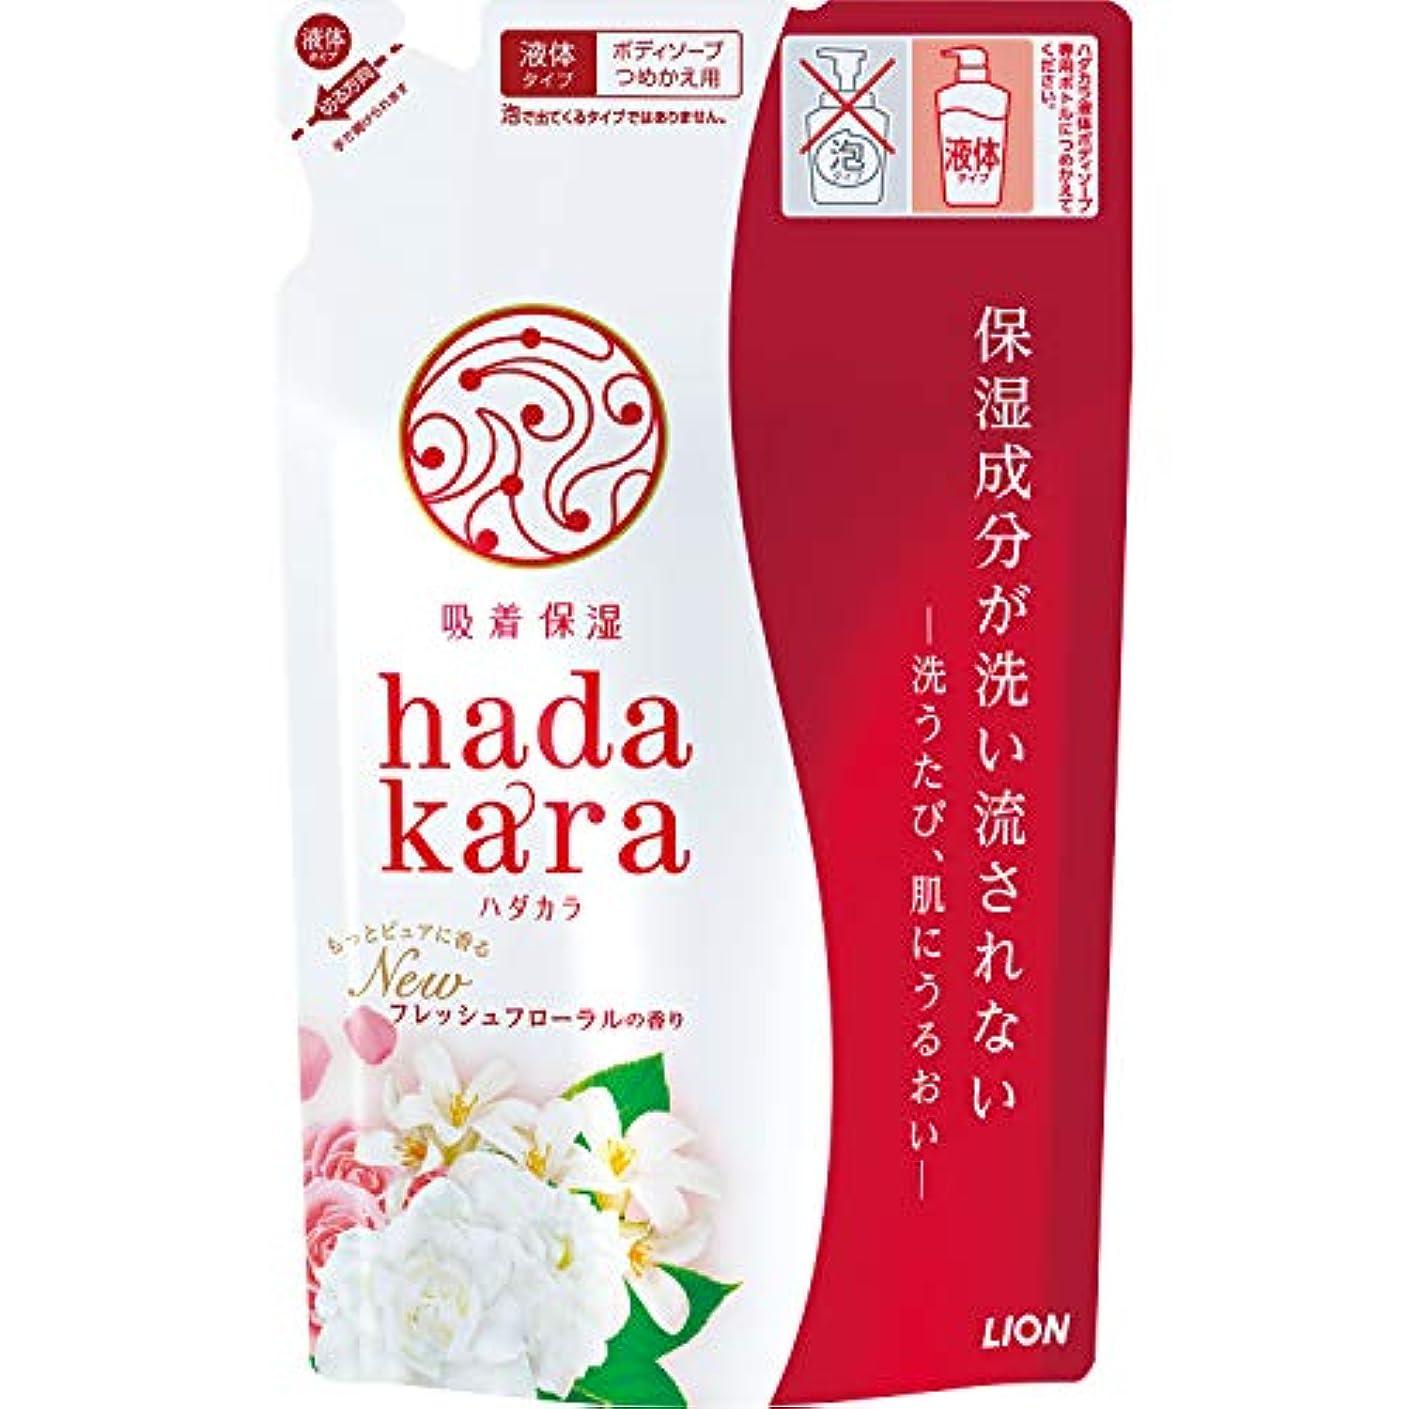 アンケートアナニバーロープhadakara(ハダカラ) ボディソープ フレッシュフローラルの香り 詰め替え 360ml つめかえ